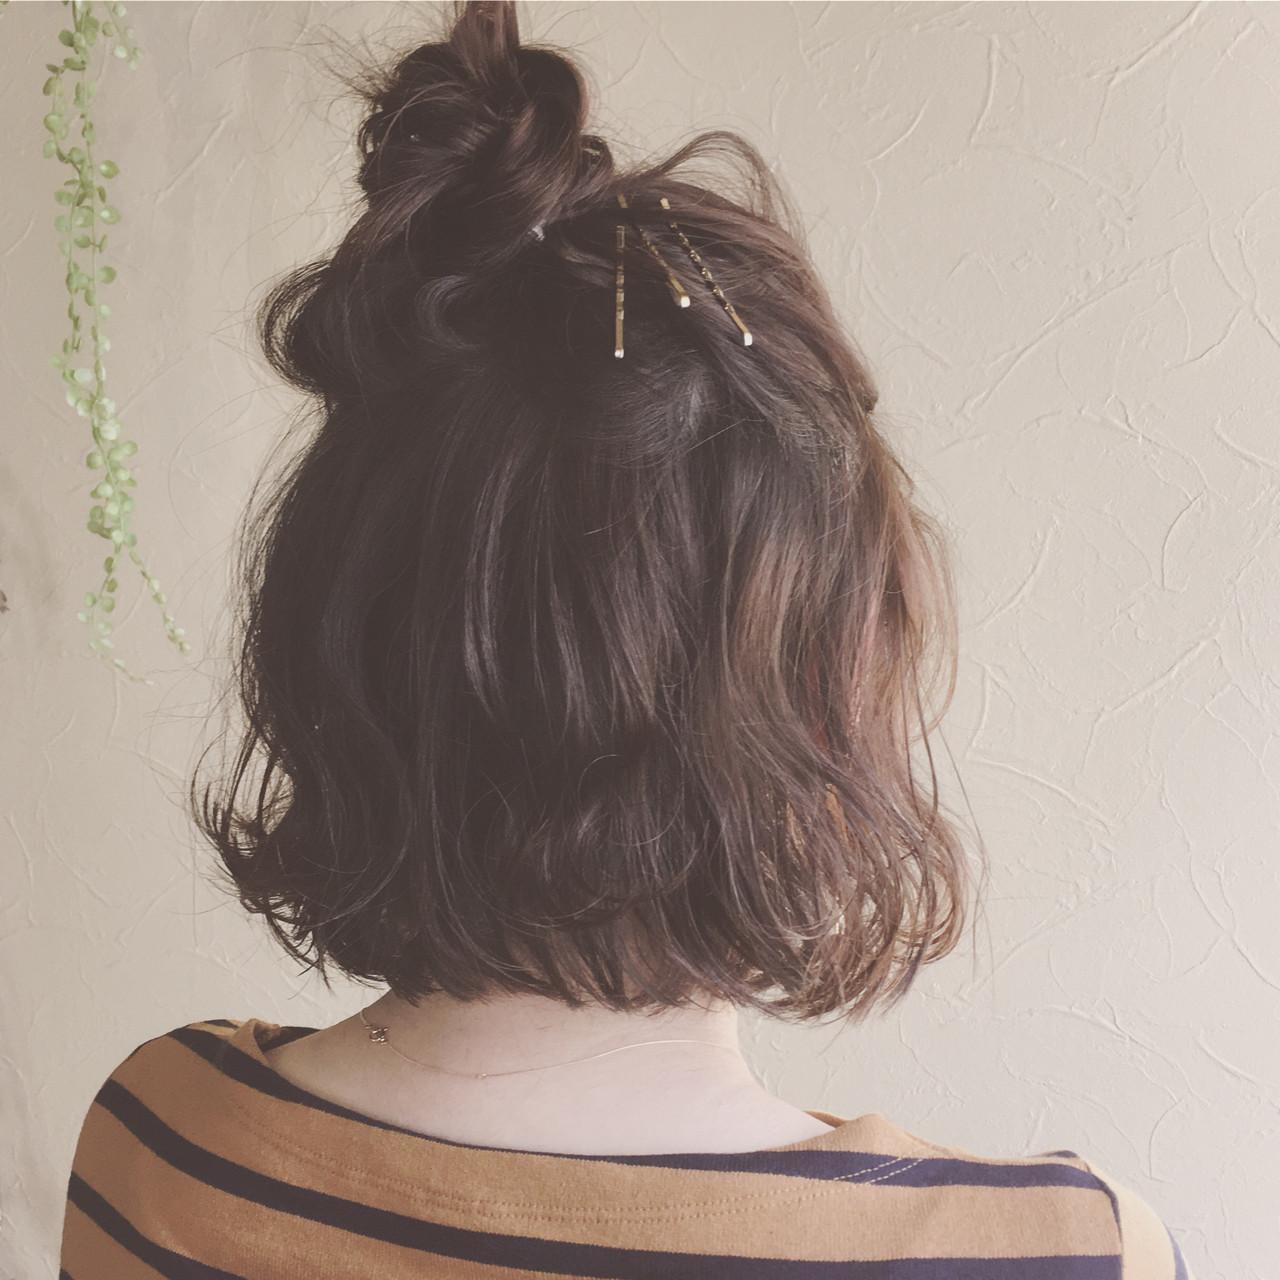 ナチュラル ボブ ヘアアレンジ 波ウェーブ ヘアスタイルや髪型の写真・画像